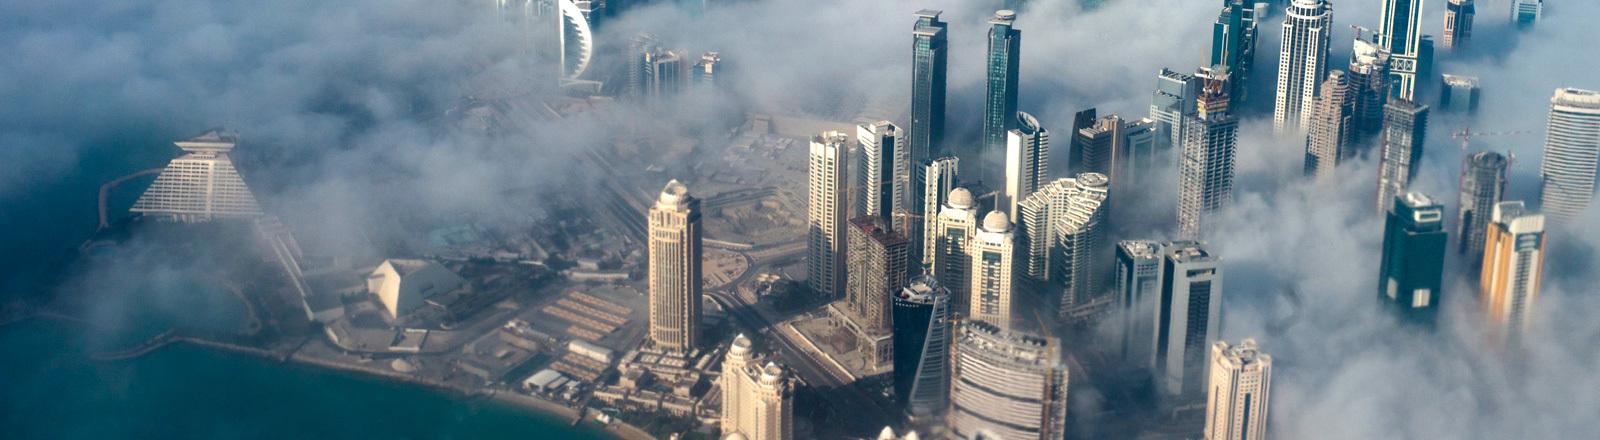 Die Skyline von Katars Hauptstadt Doha aus der Vogelperspektive